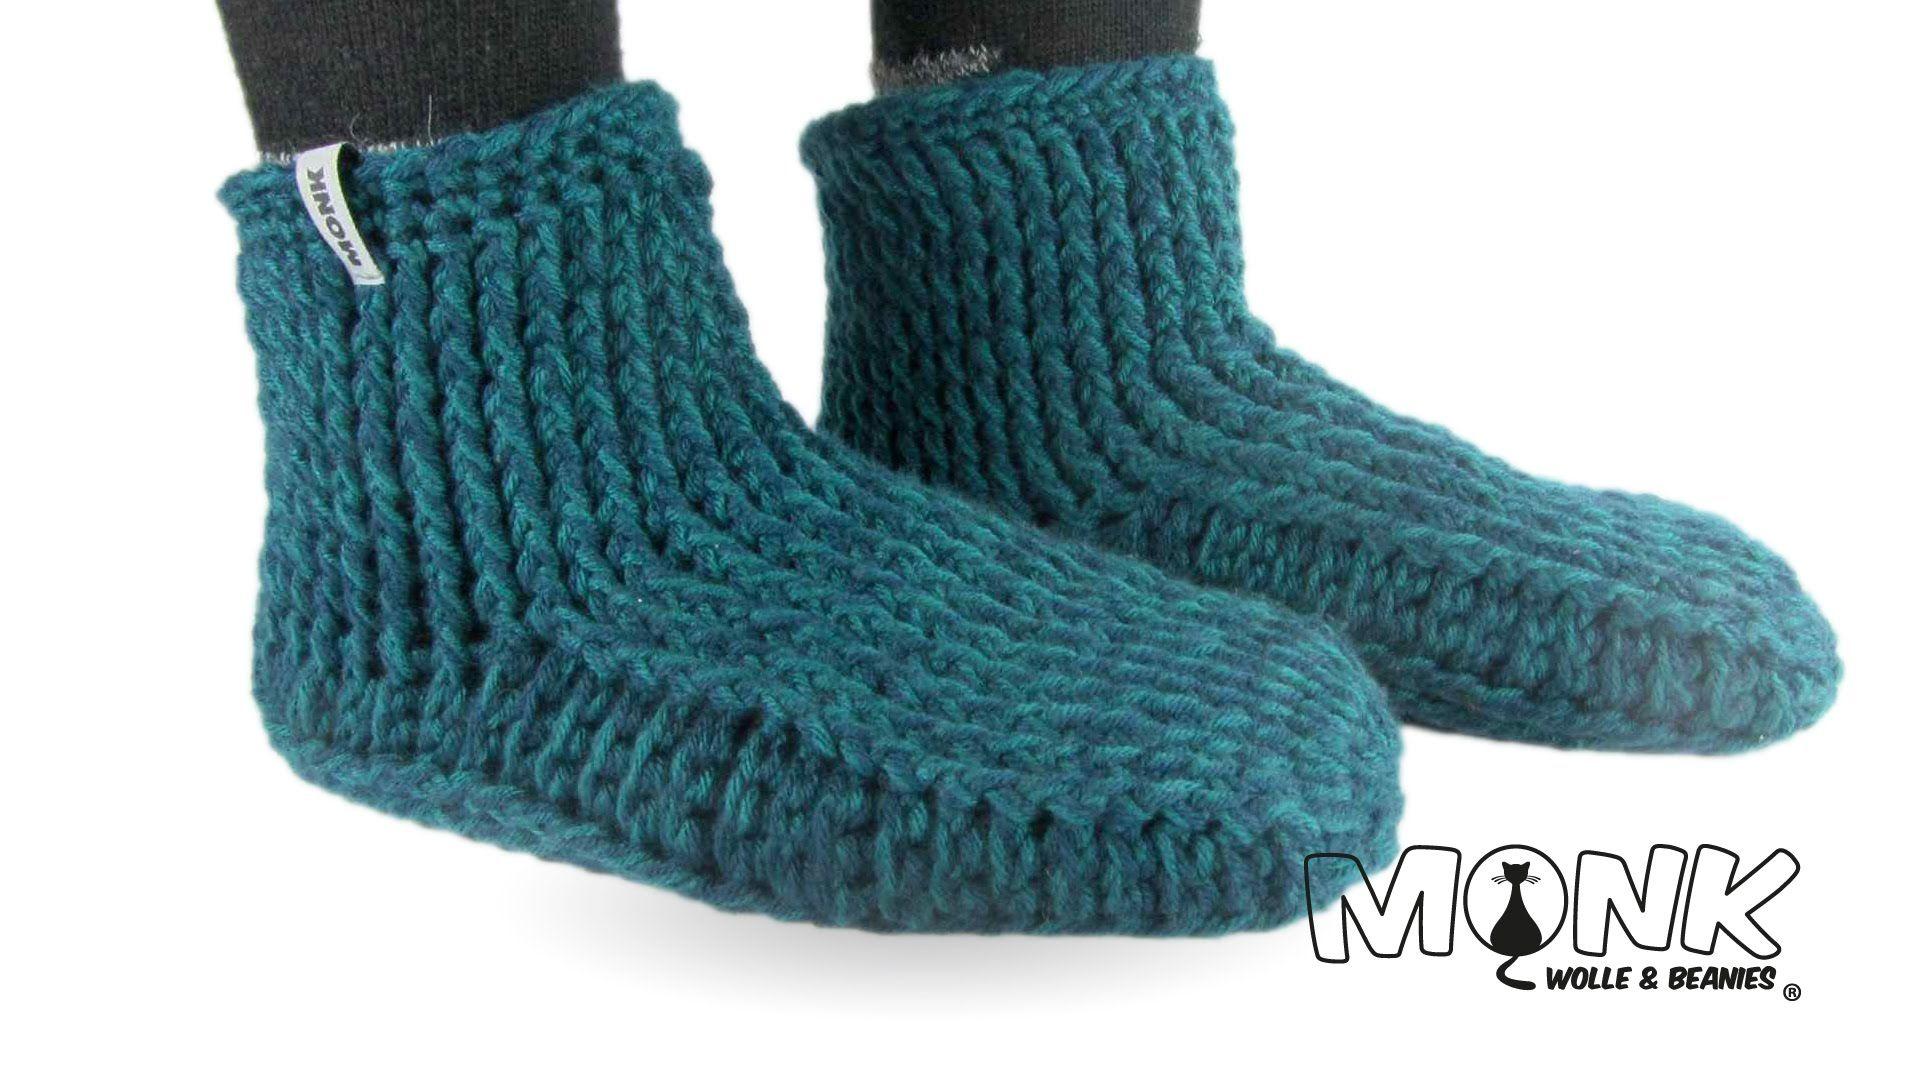 Monk-Gammlos (Hüttenschuhe) häkeln Teil 1   Knit & Crochet ...